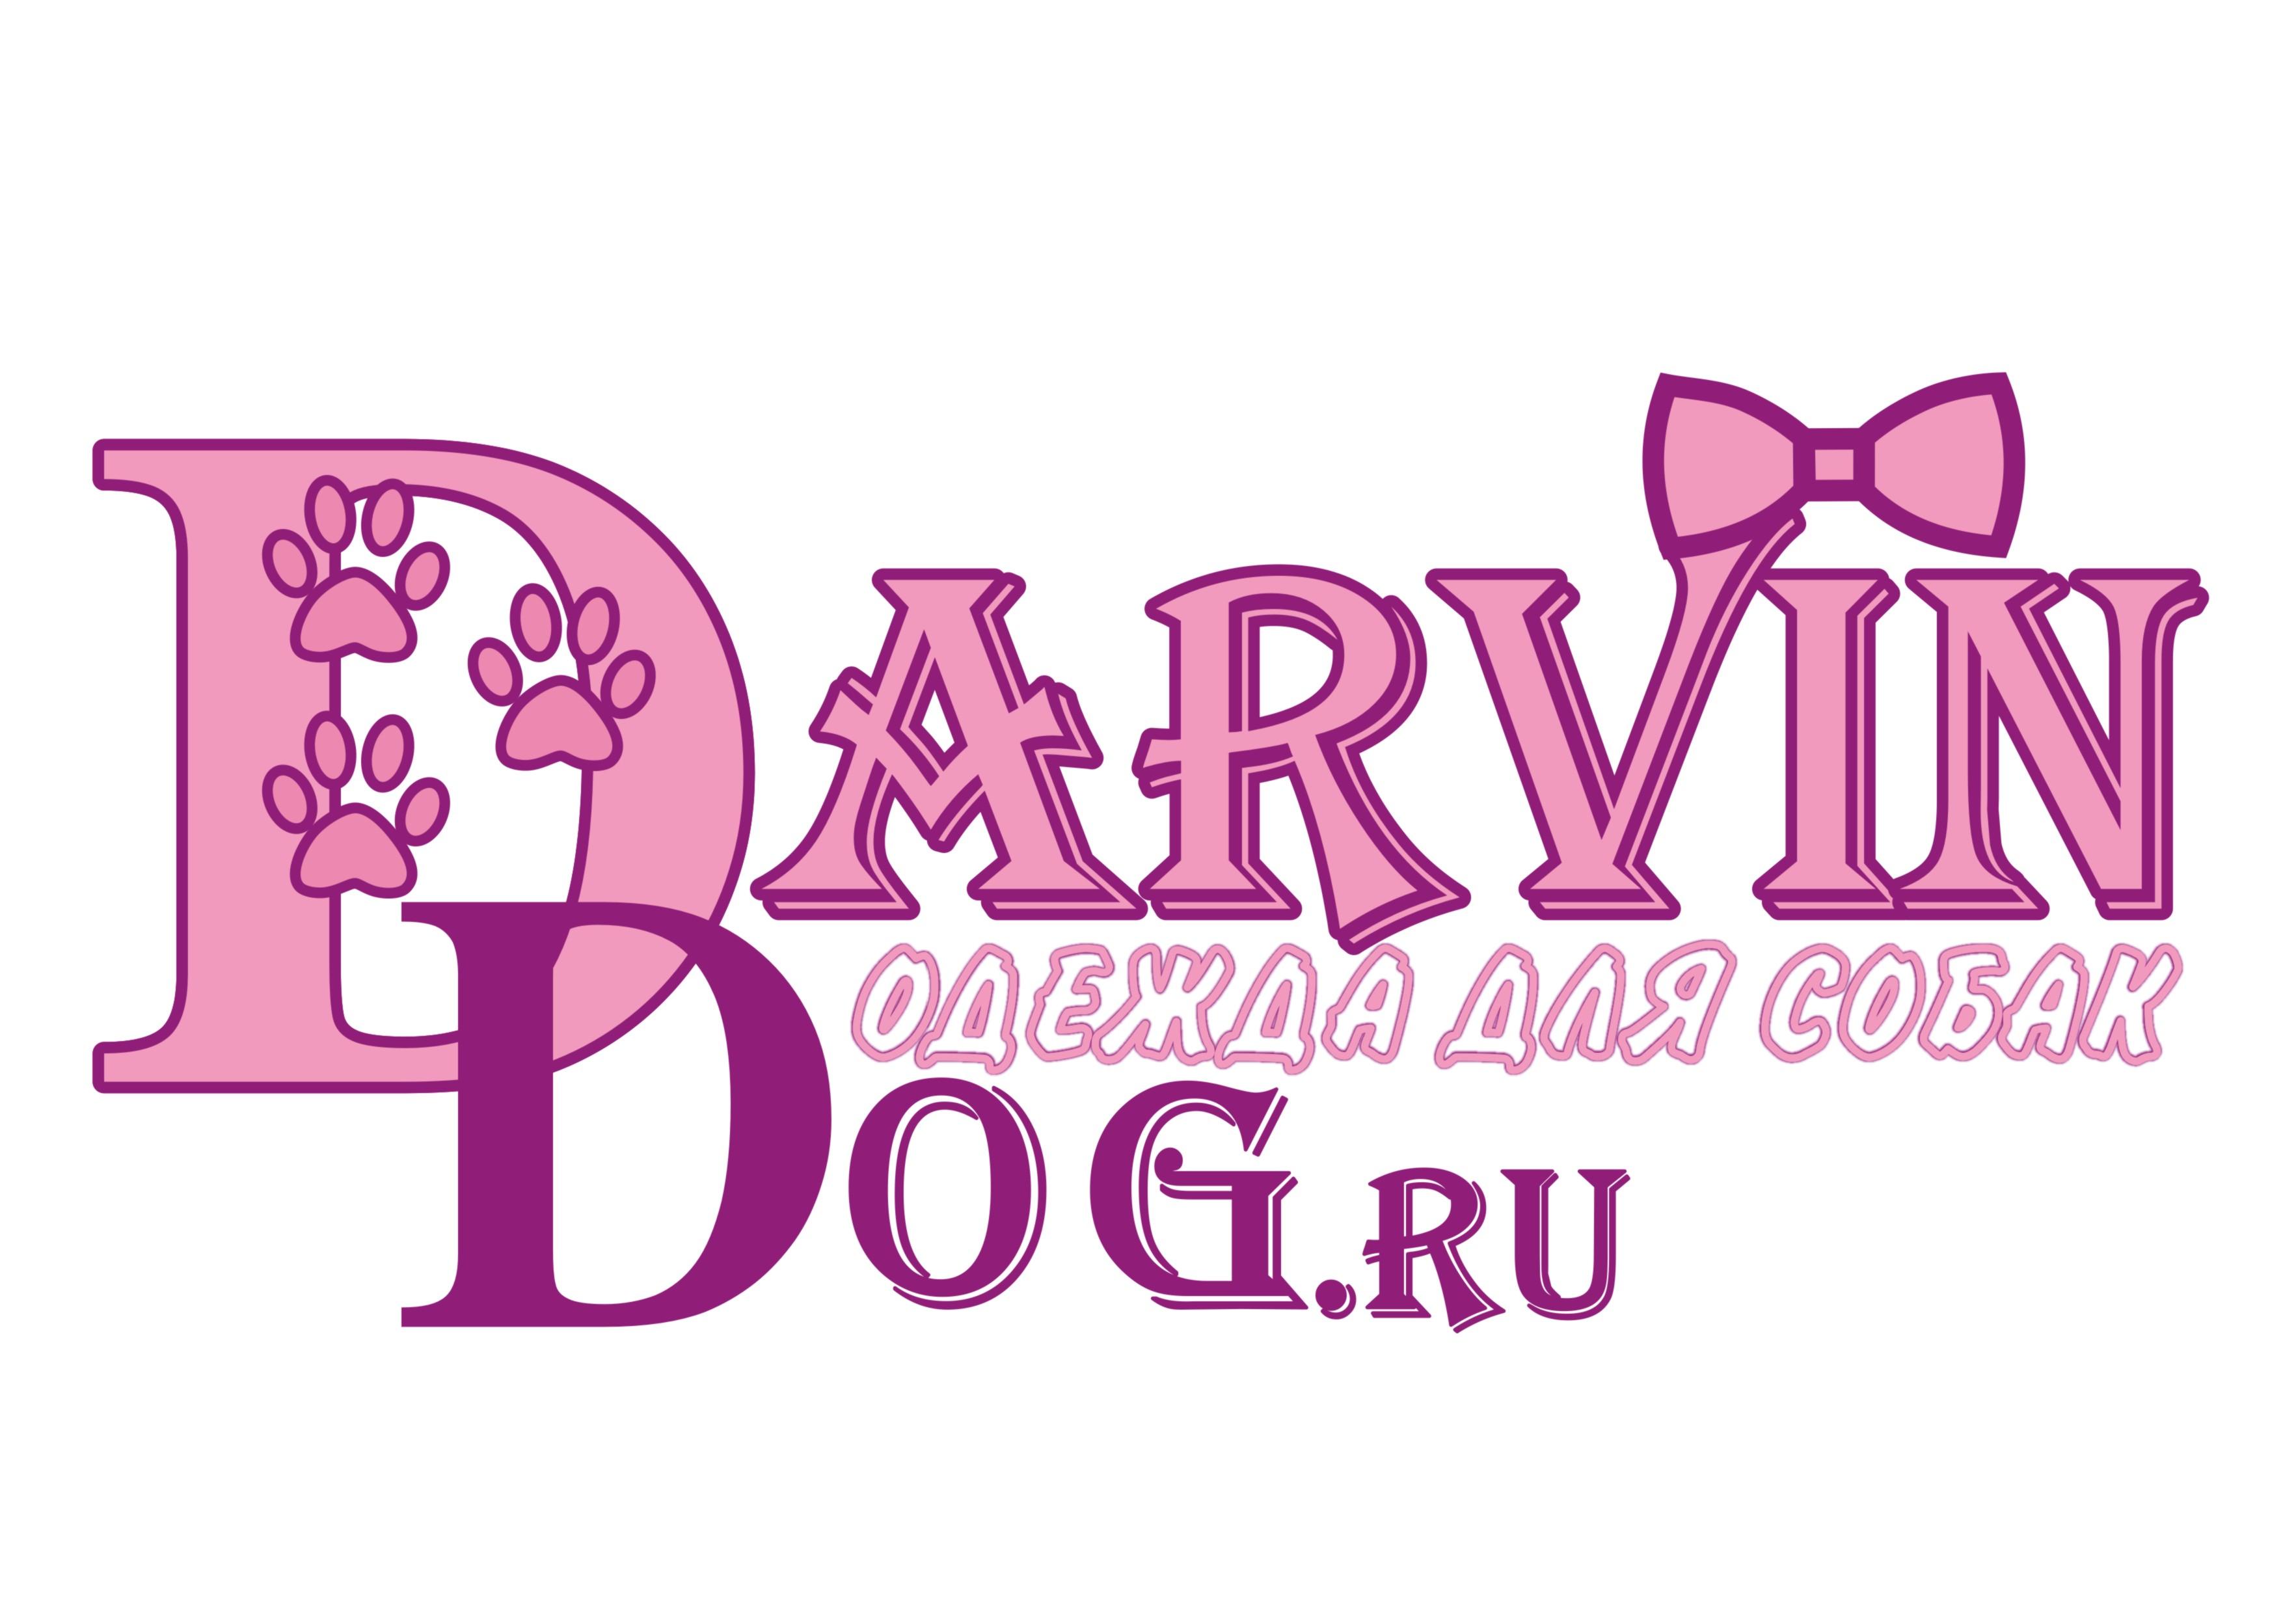 Создать логотип для интернет магазина одежды для собак фото f_115564b26fdc33e8.jpg